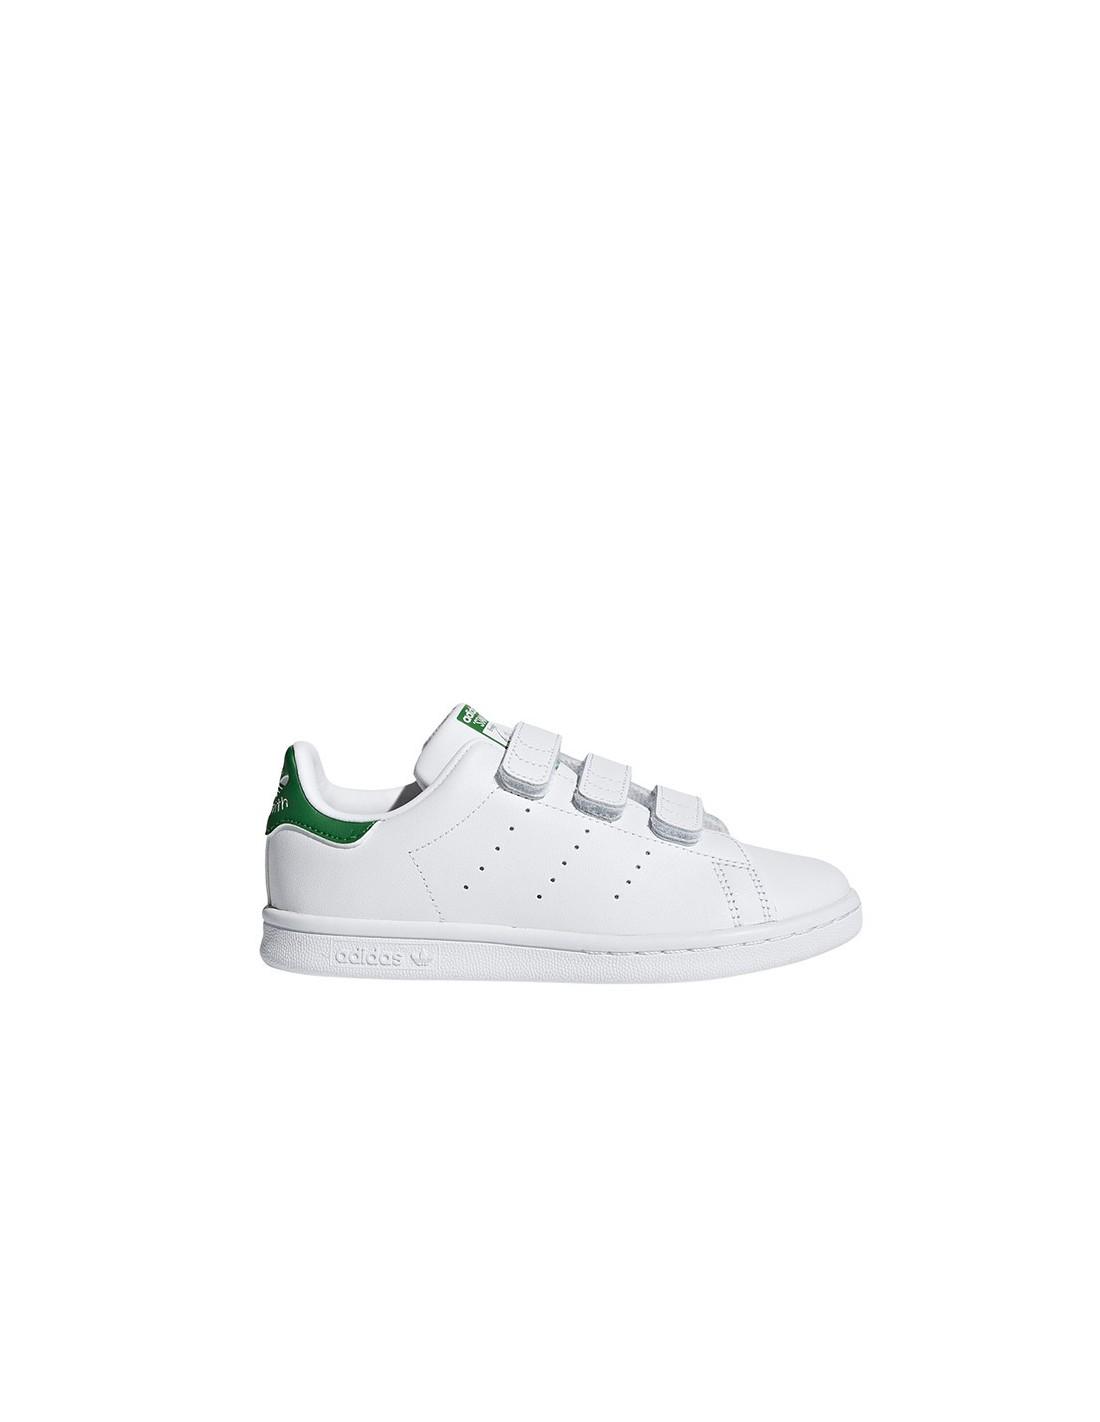 adidas original logo bianca